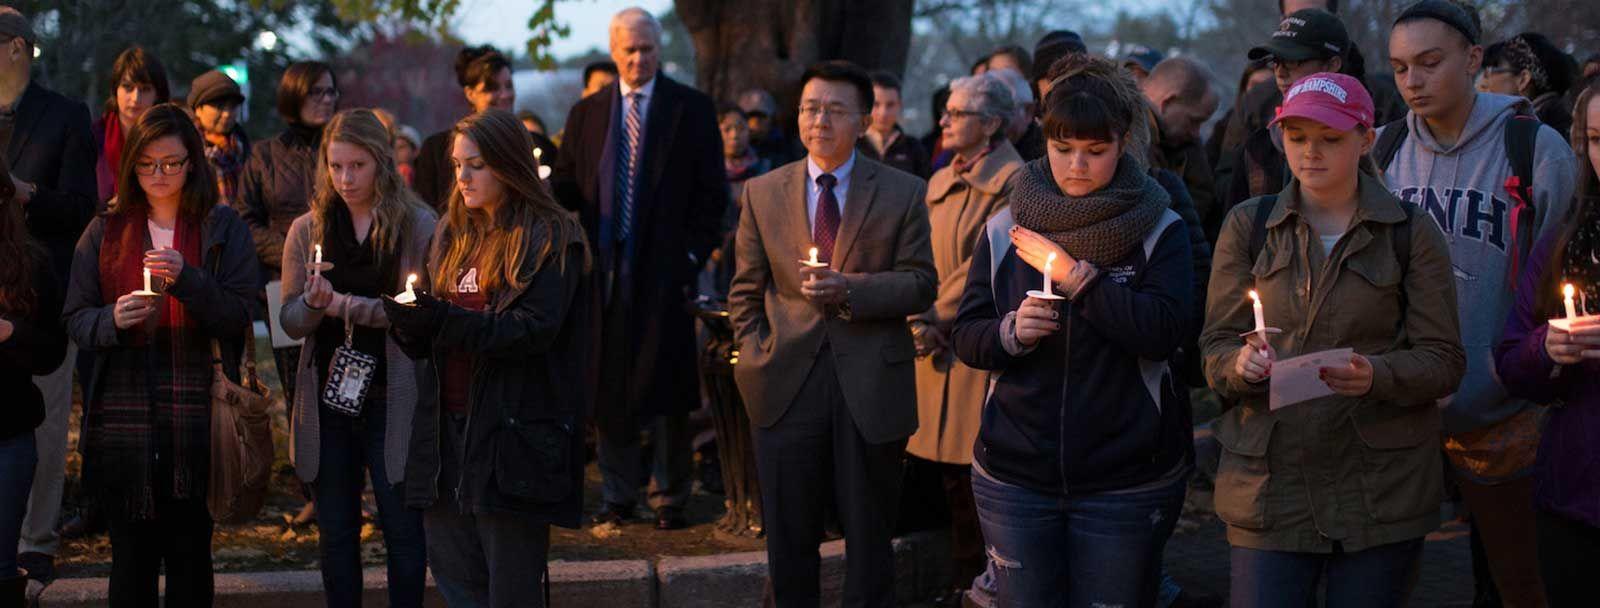 A vigil at UNH, November 2015